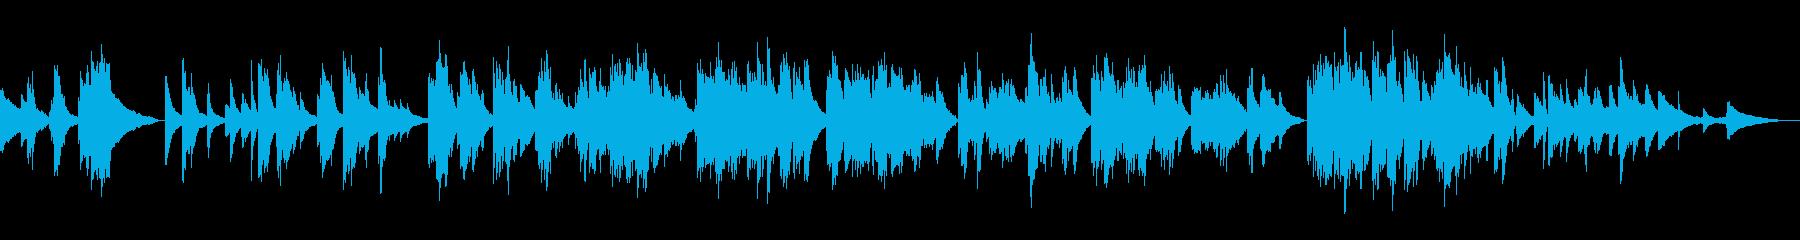 シンプルで美しいピアノソロのバラードの再生済みの波形